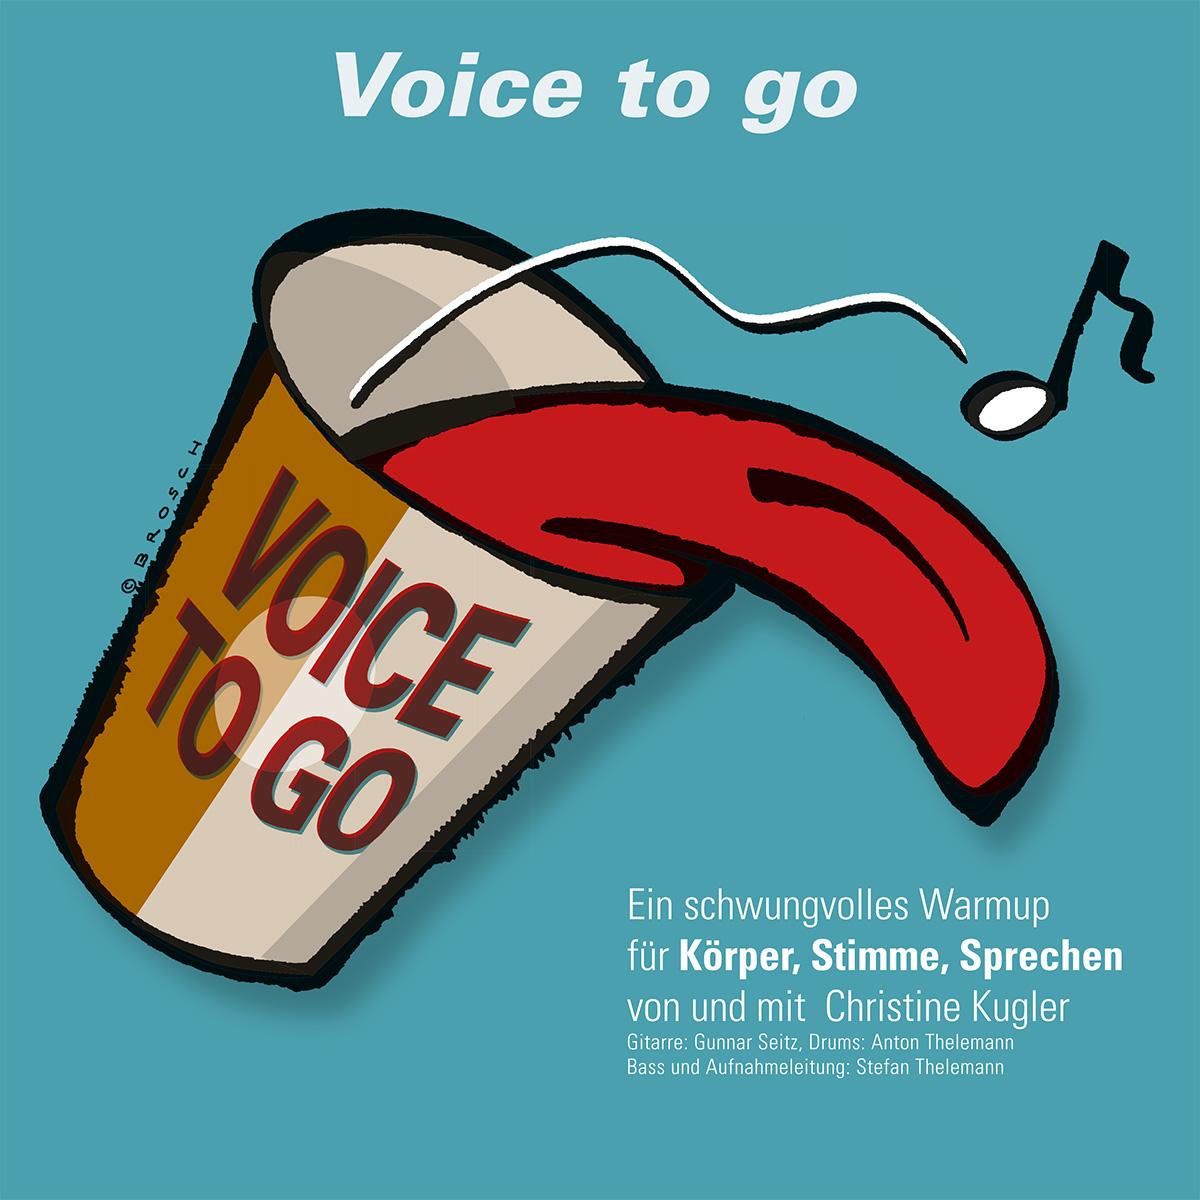 Voice To Go Warmup für Körper und Stimme